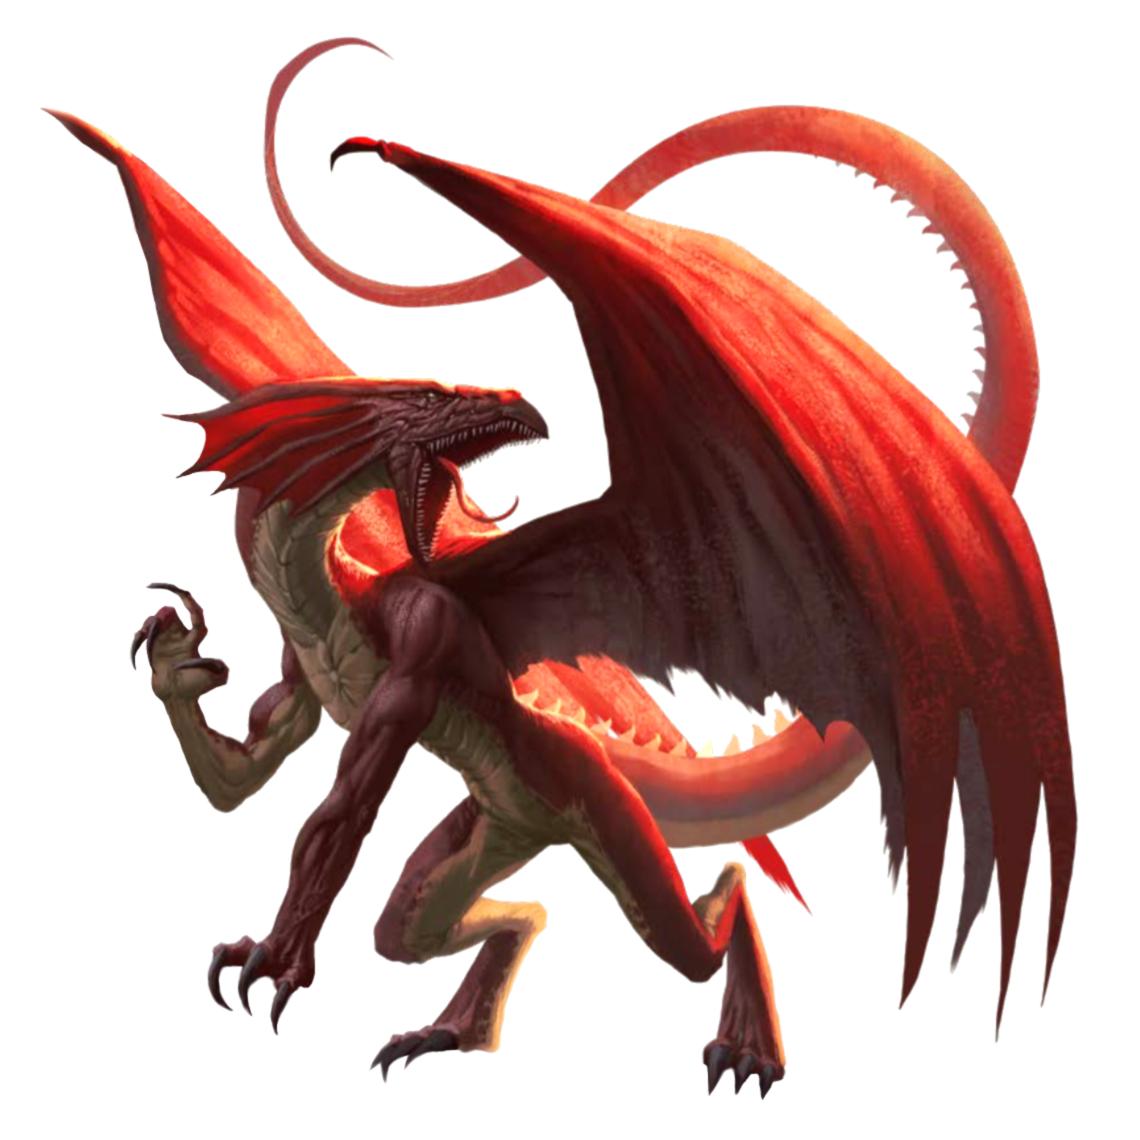 Dnd Red Dragon: Pathfinder PFRPG DND D&D 3